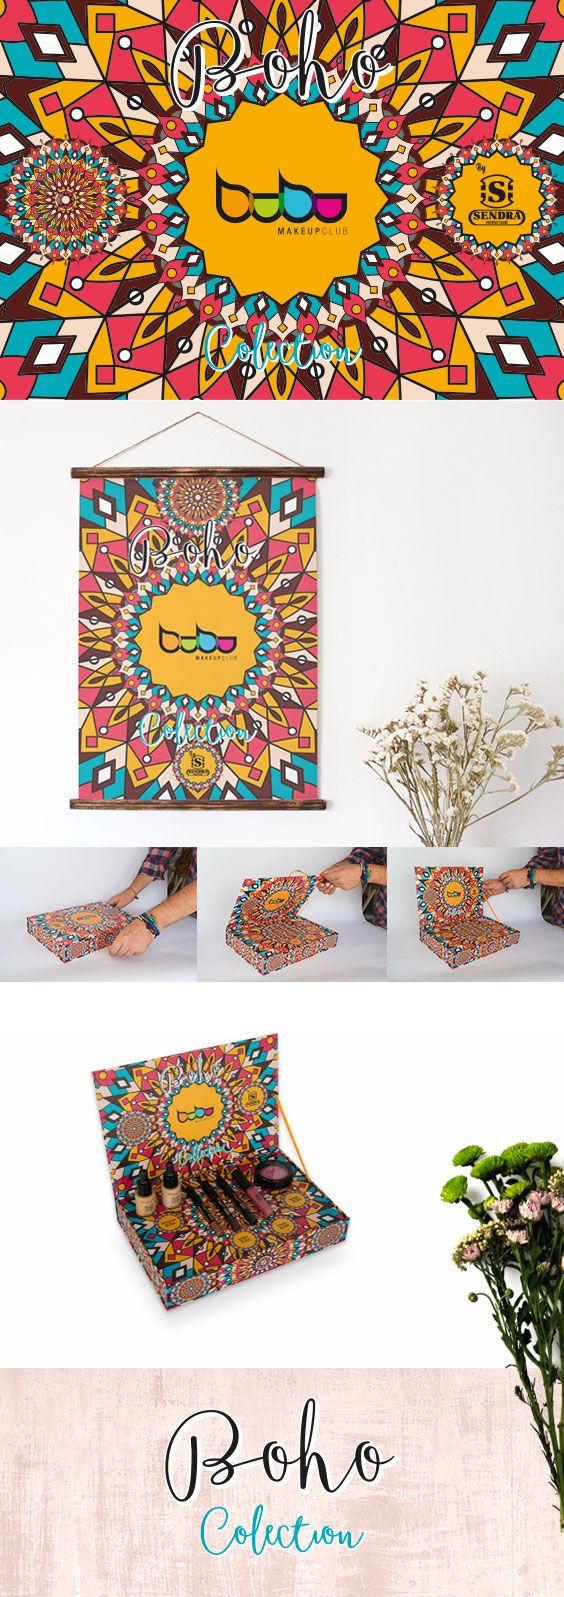 Diseño gráfico, packaging y marketing para campaña Boho Collection by Sendra Boots, colección Bubu Makeup Club.